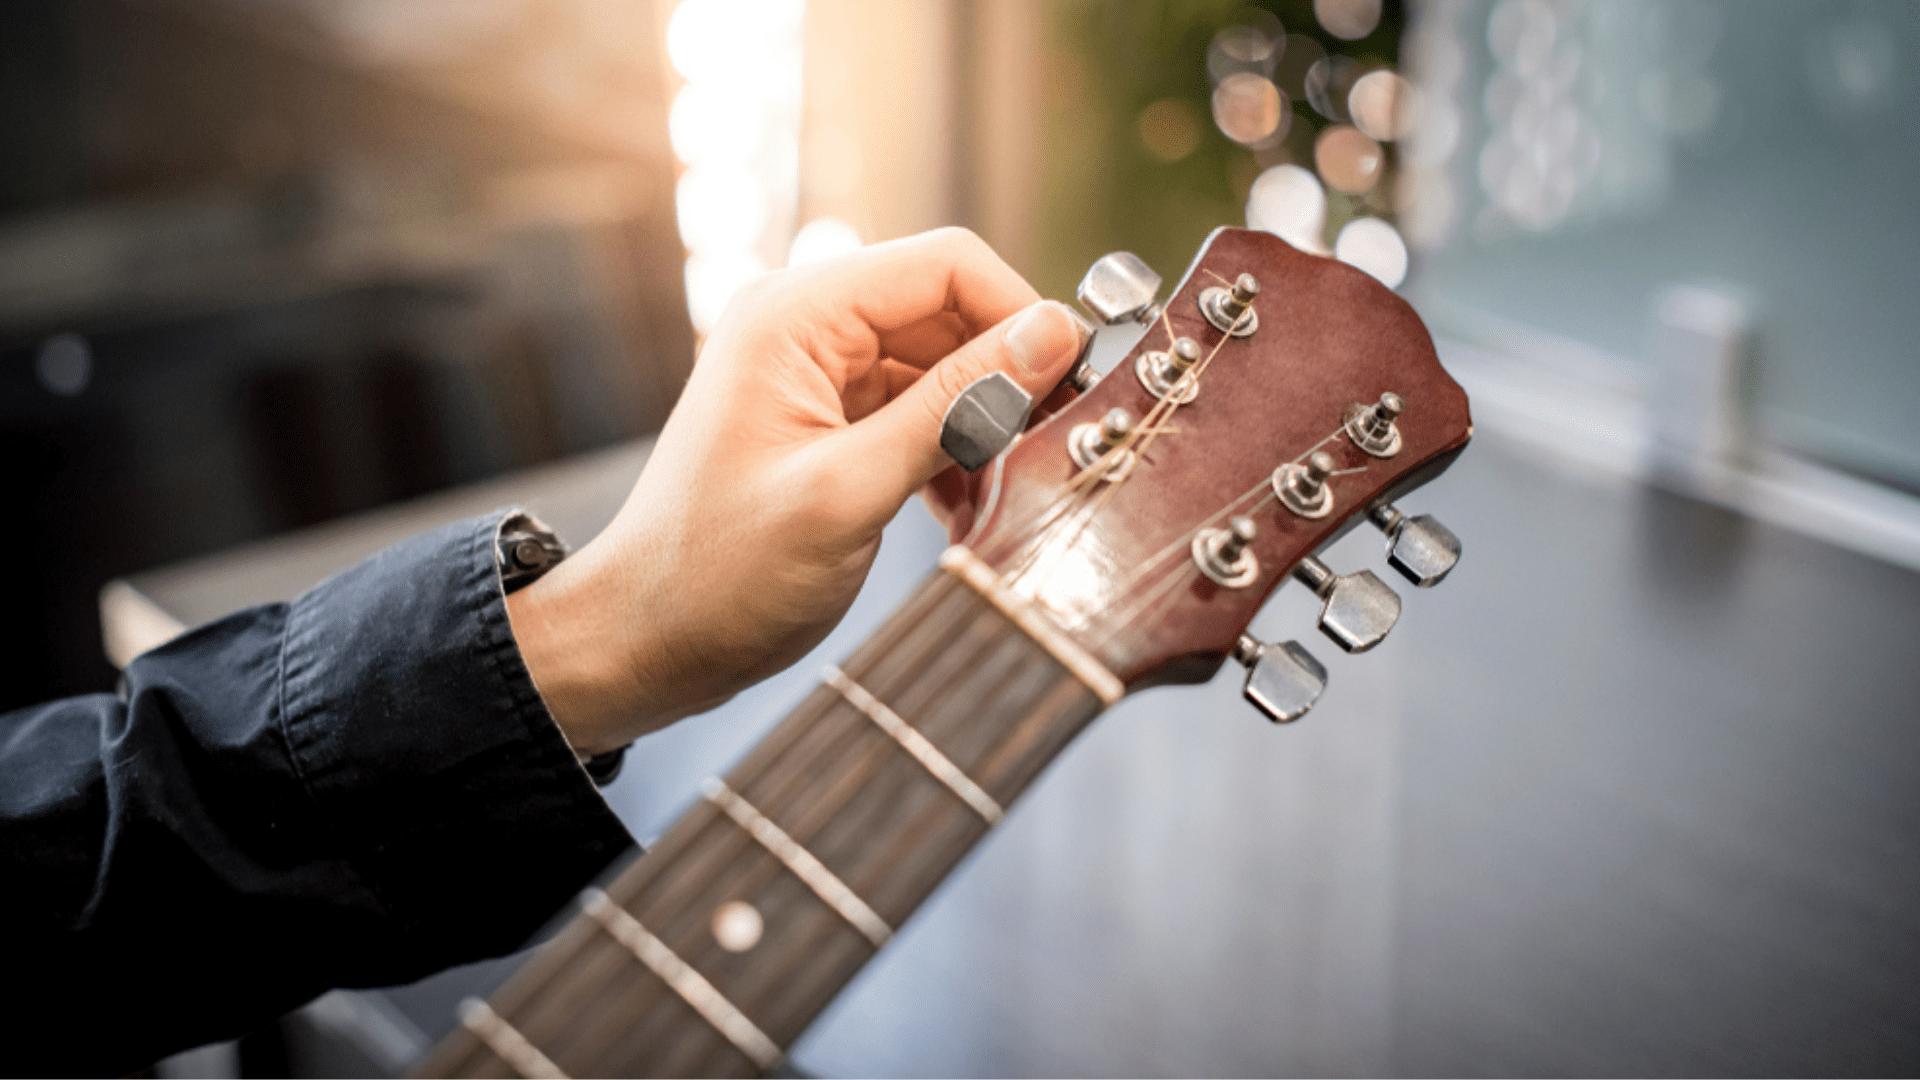 Veja a nossa seleção dos melhores afinadores de violão de 2021! (Imagem: Divulgação/Shutterstock)